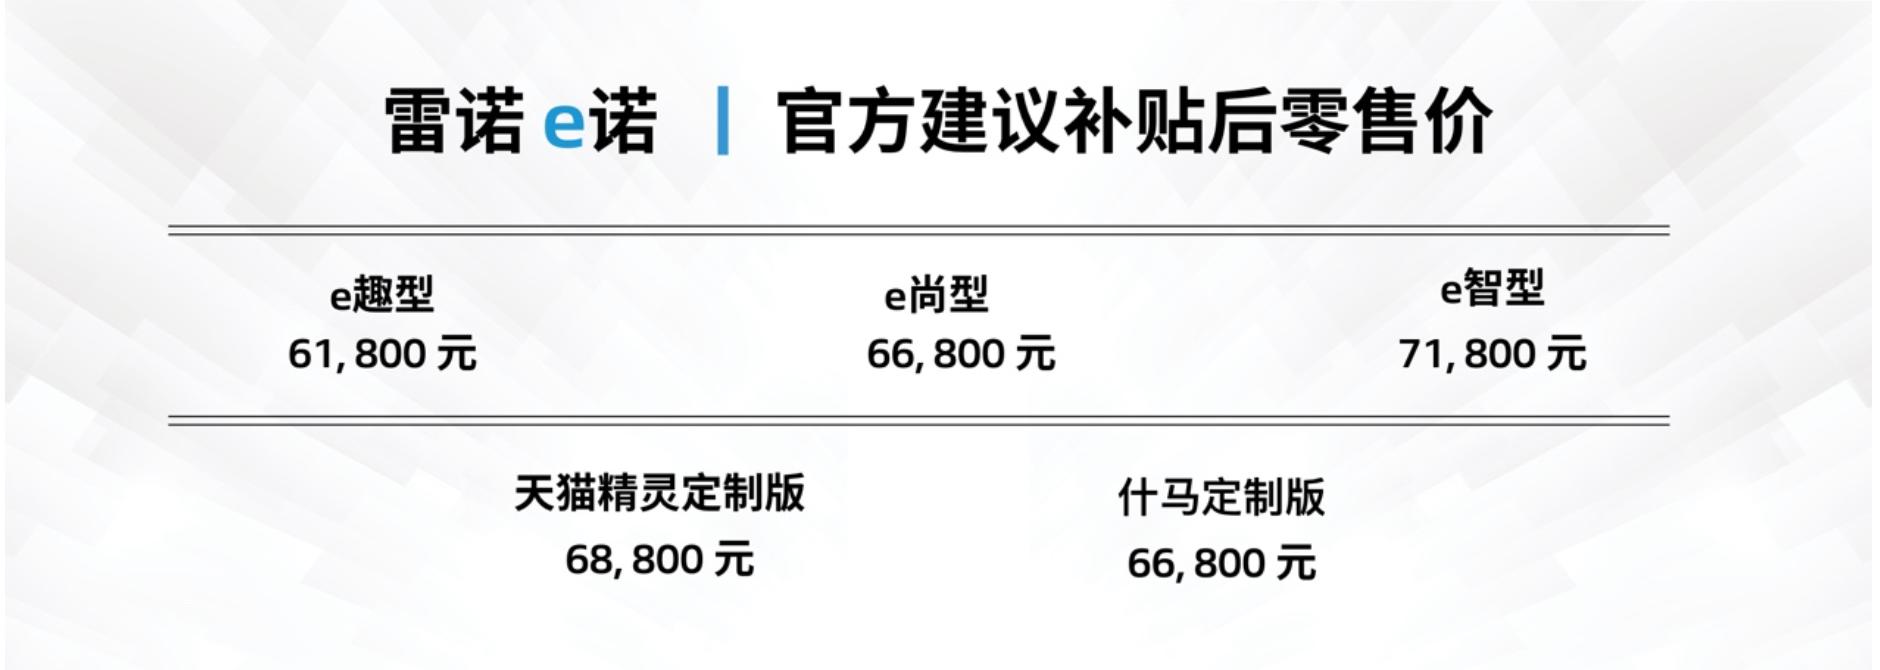 屏幕快照 2019-09-06 下午9.37.29